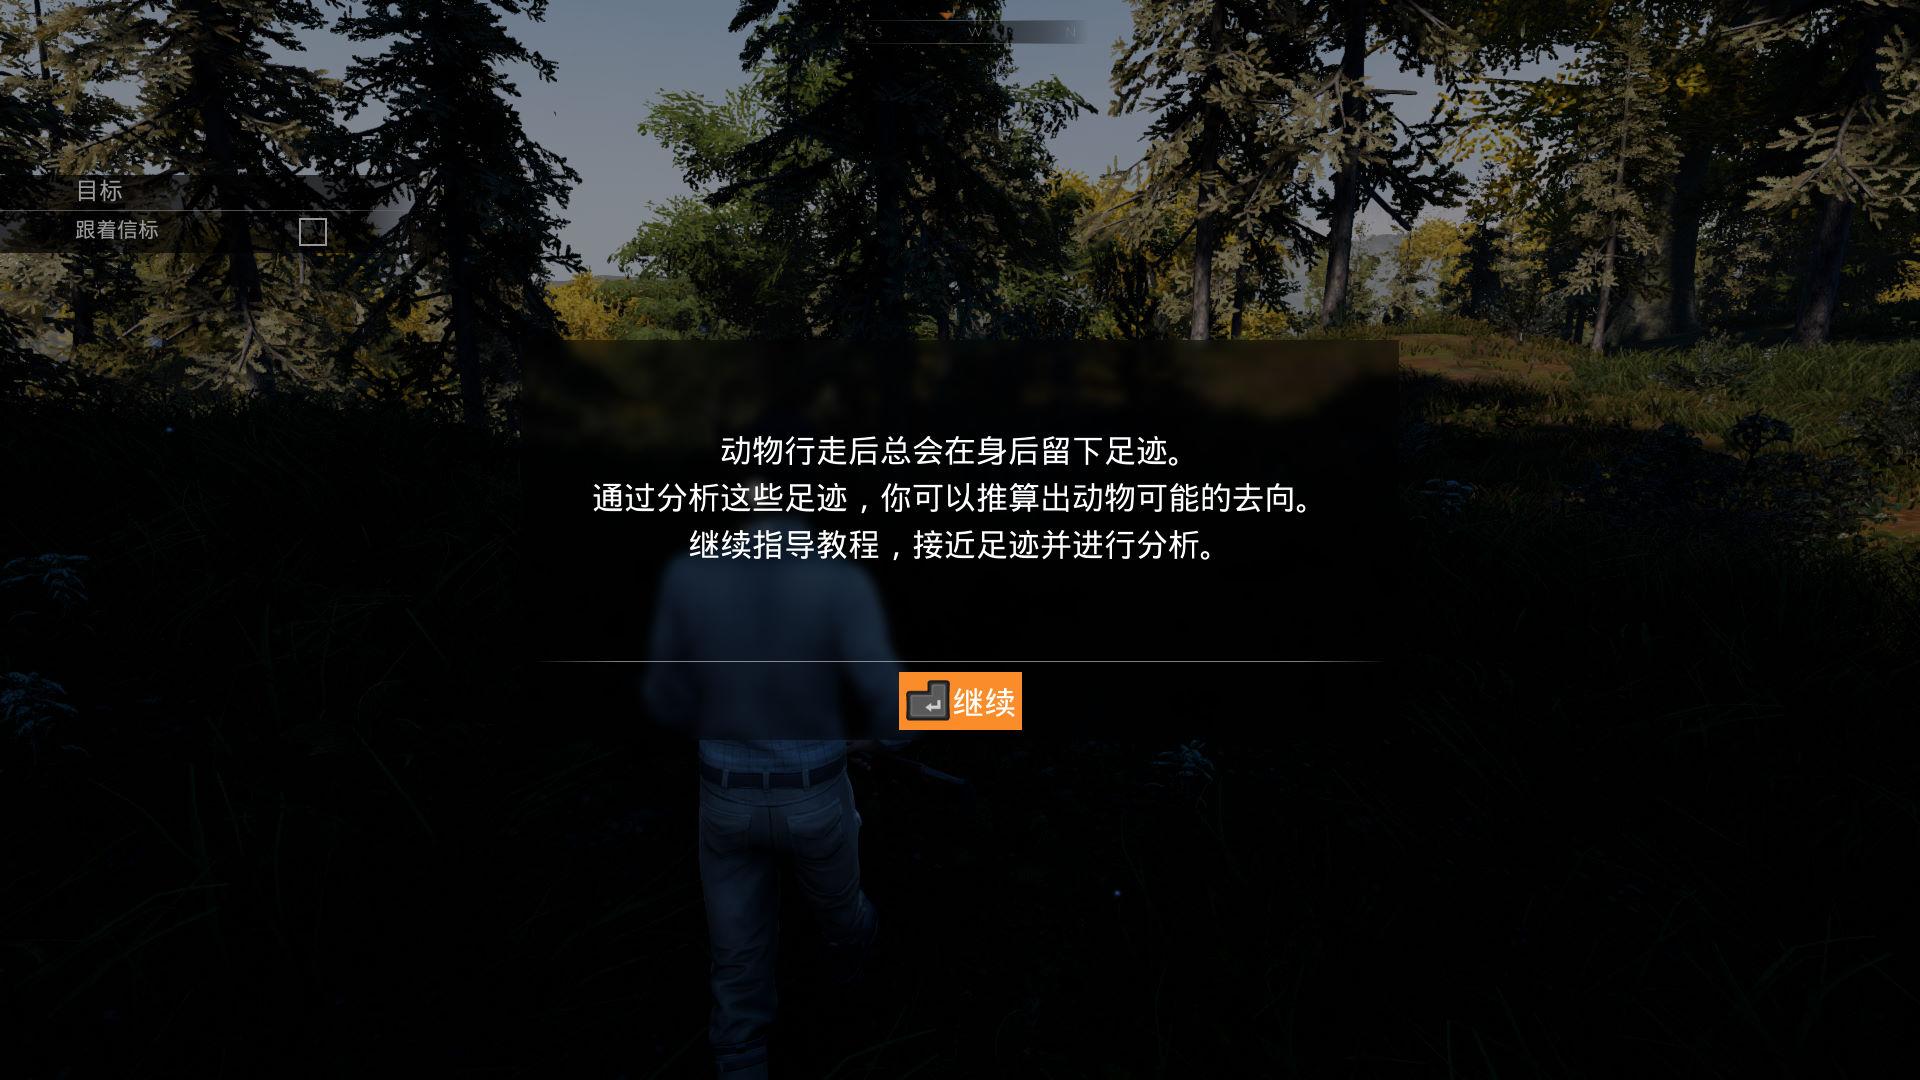 模拟狩猎游戏截图1